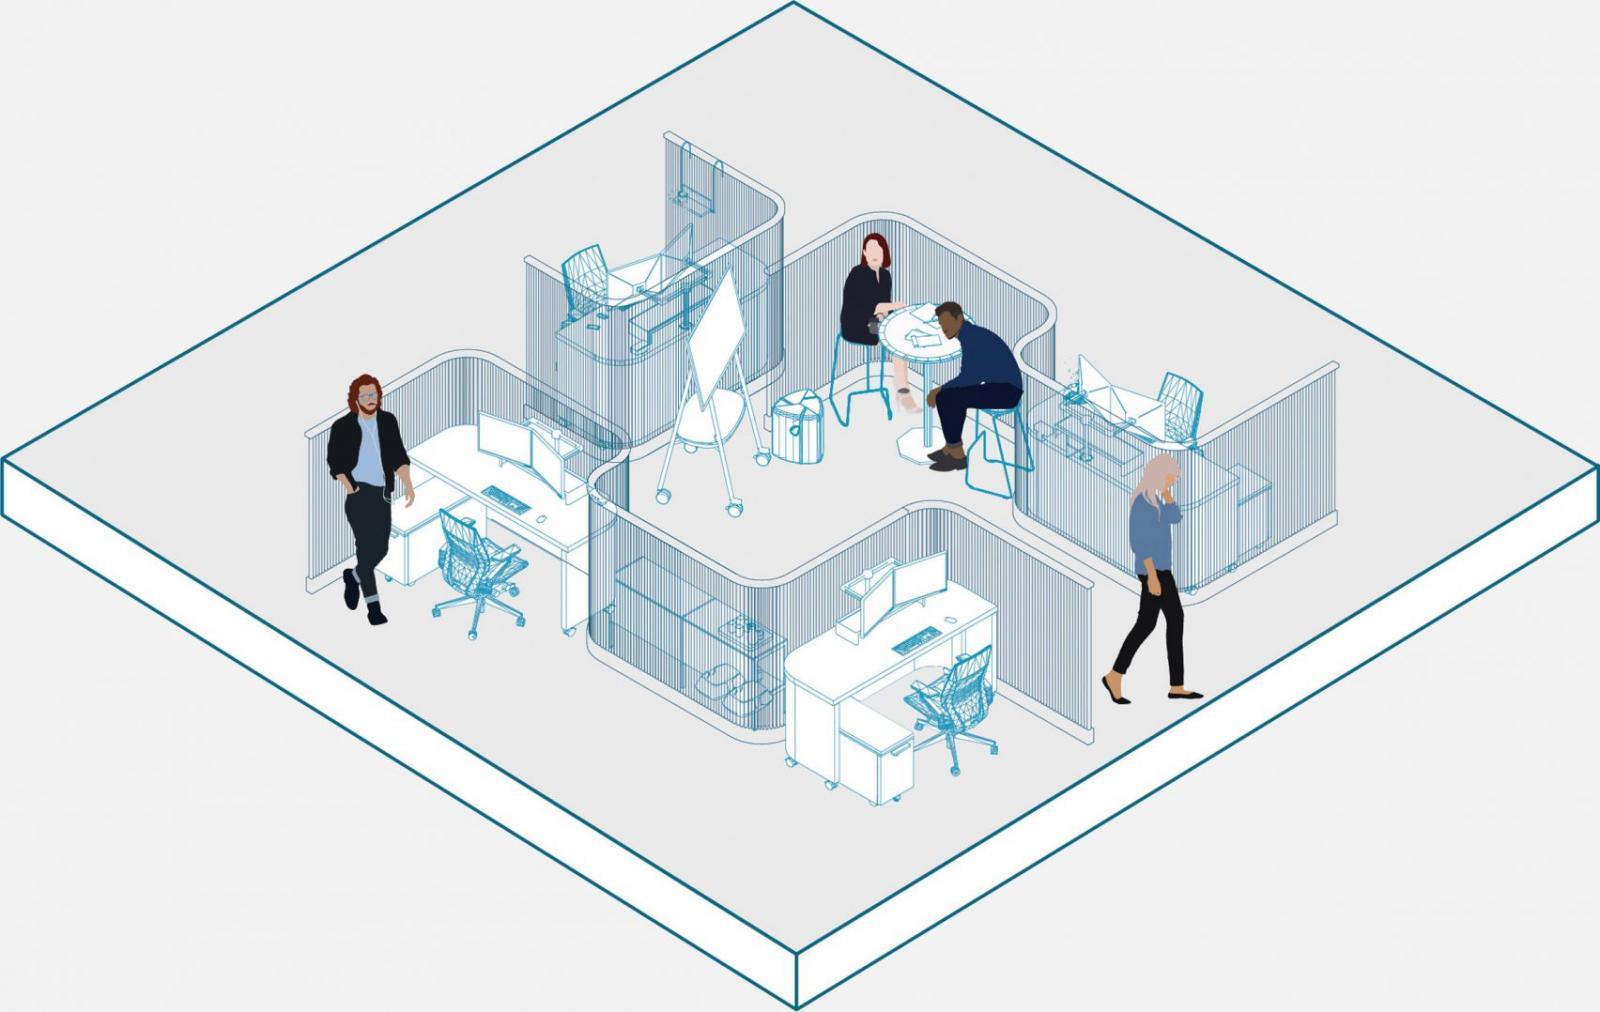 Mô hình phòng họp cho nhóm nhỏ ở văn phòng